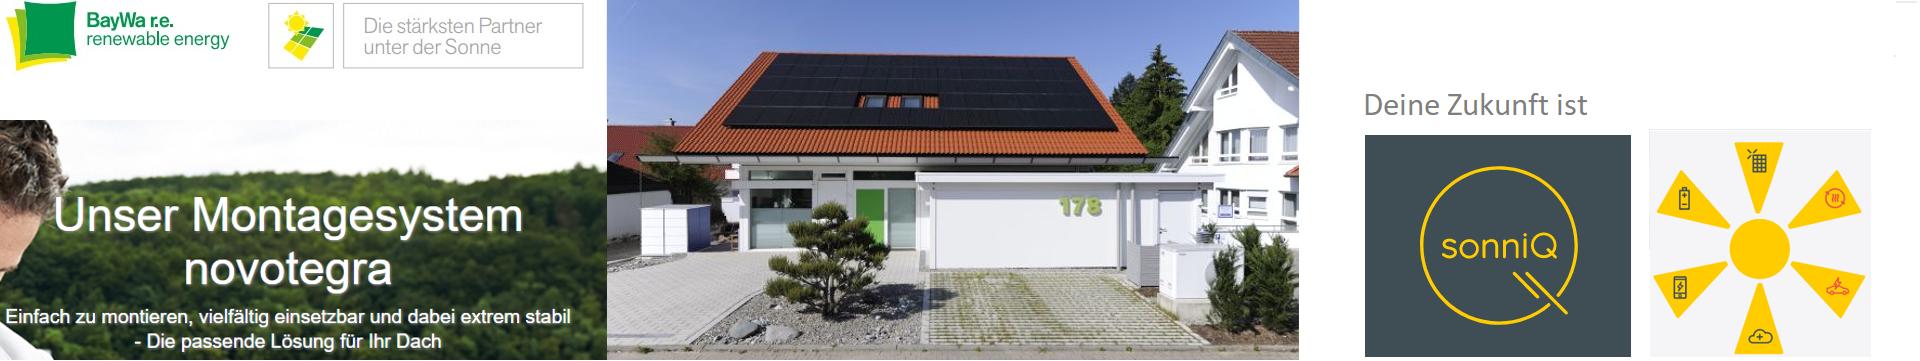 BayWa r.e. Solarpartner